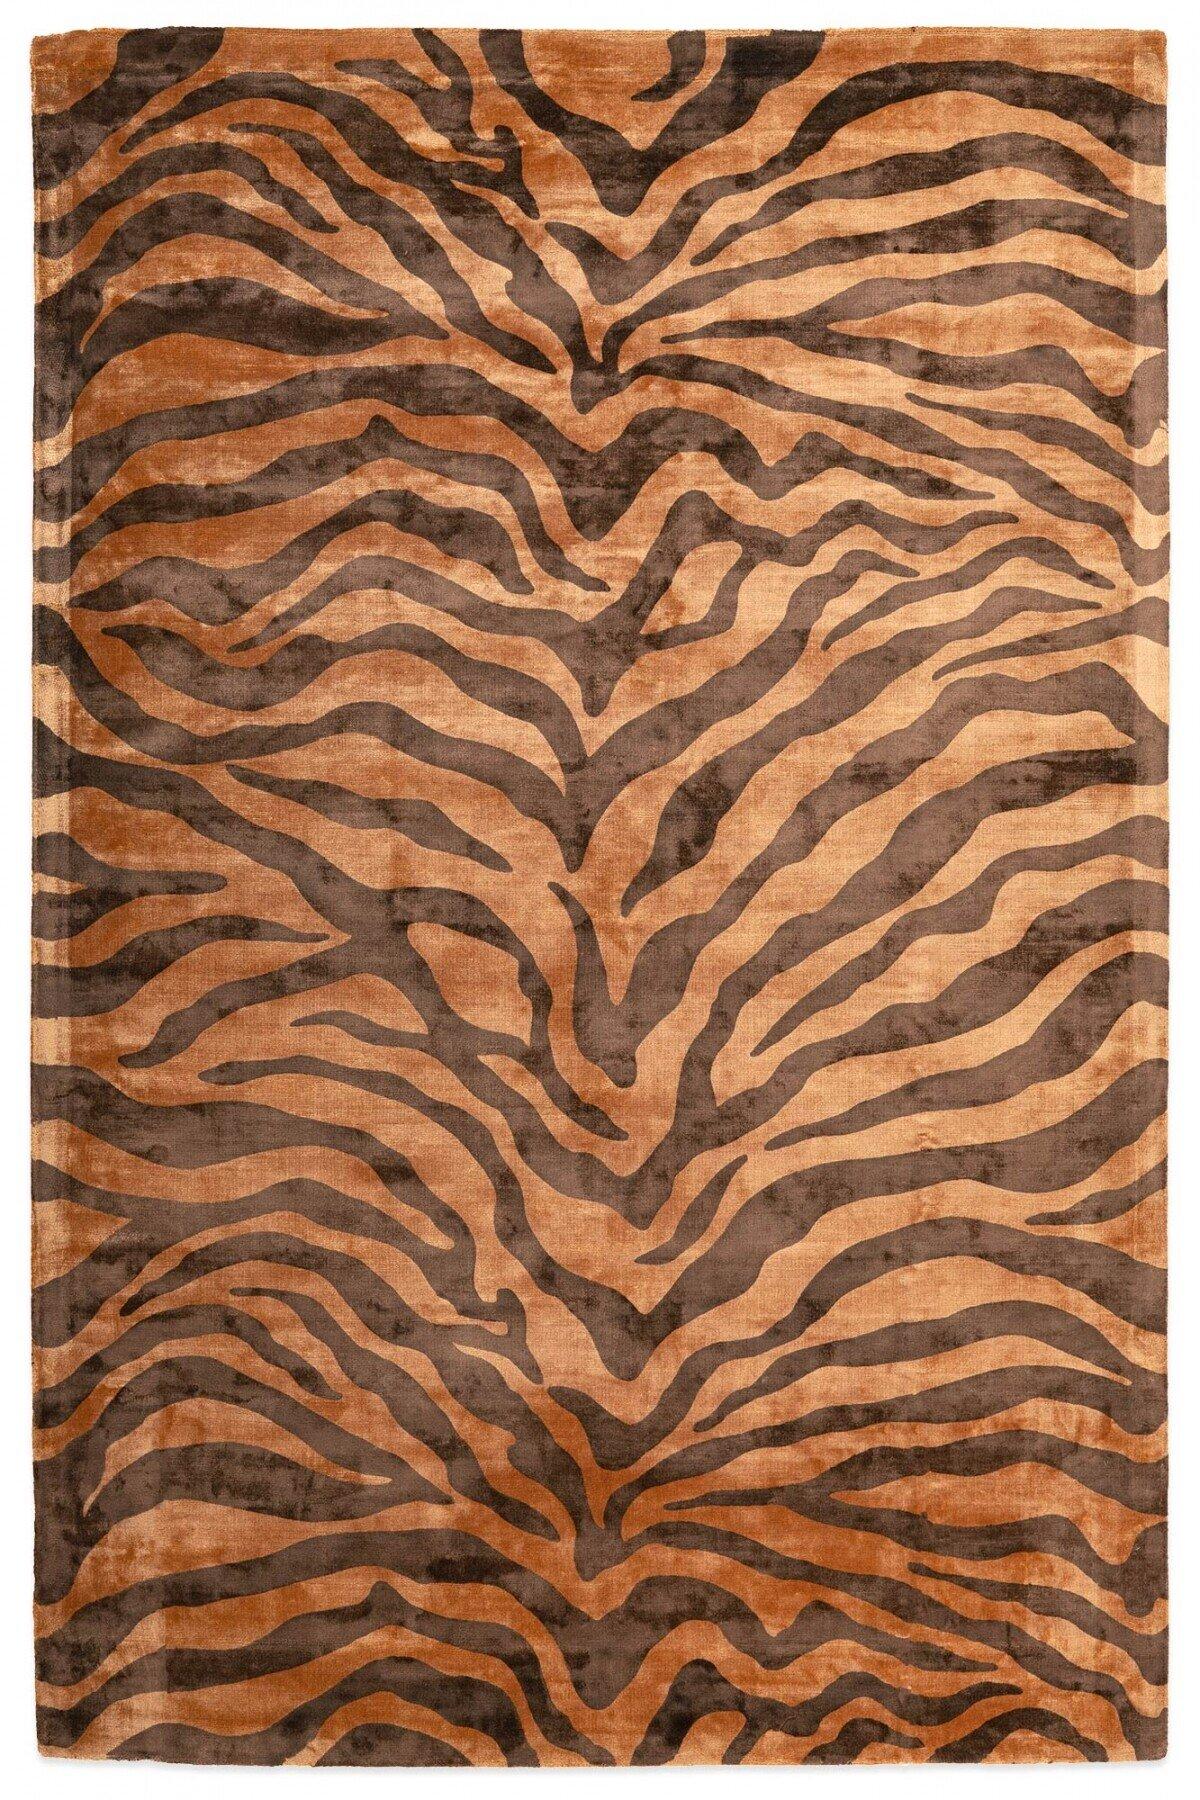 Zebra brown